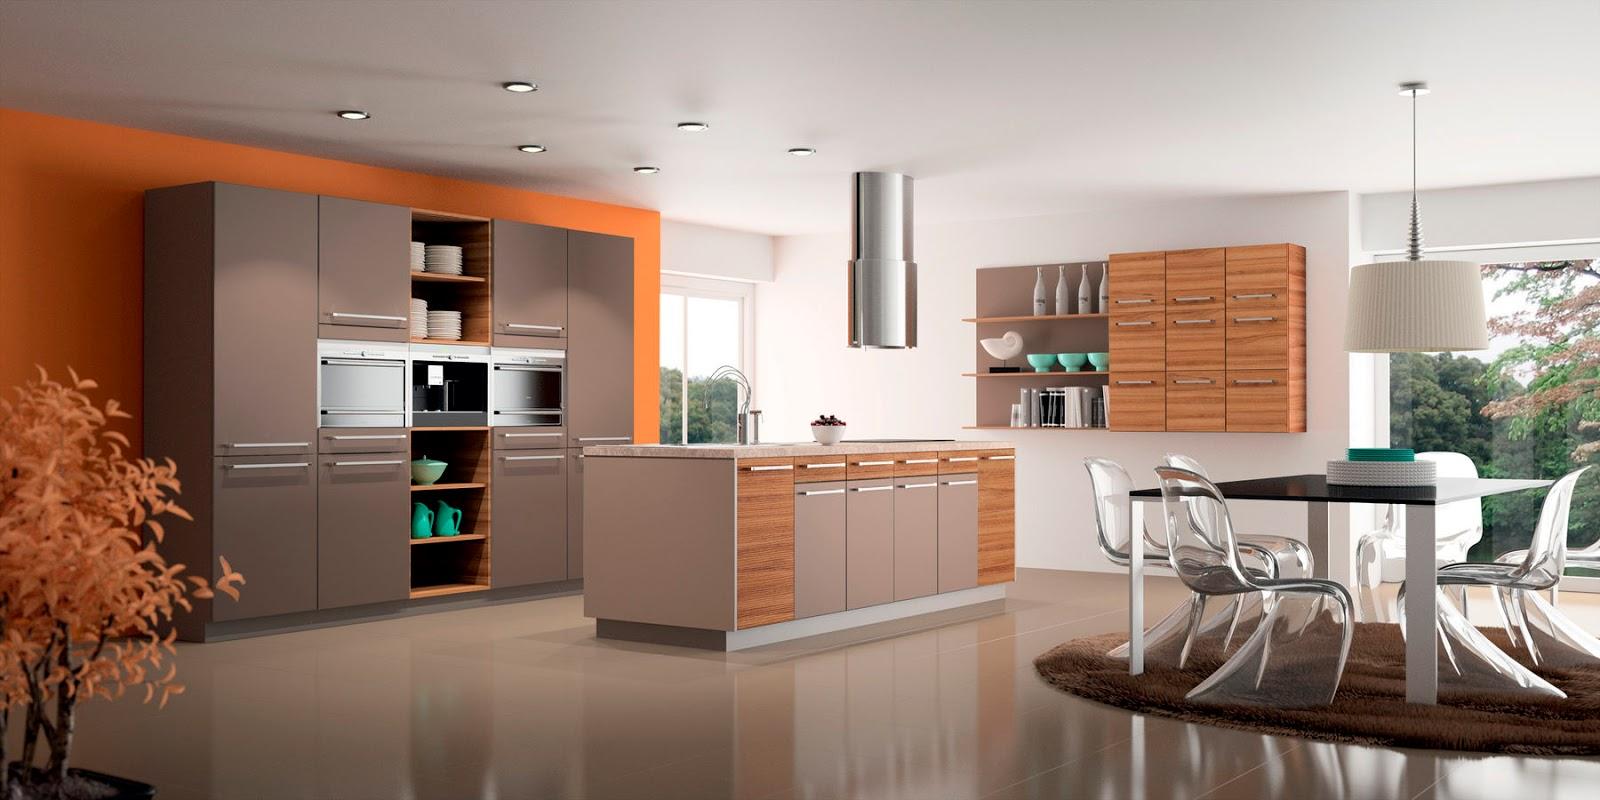 Gallart grupo el blog suelos y puertas de madera en for Pisos para cocina moderna